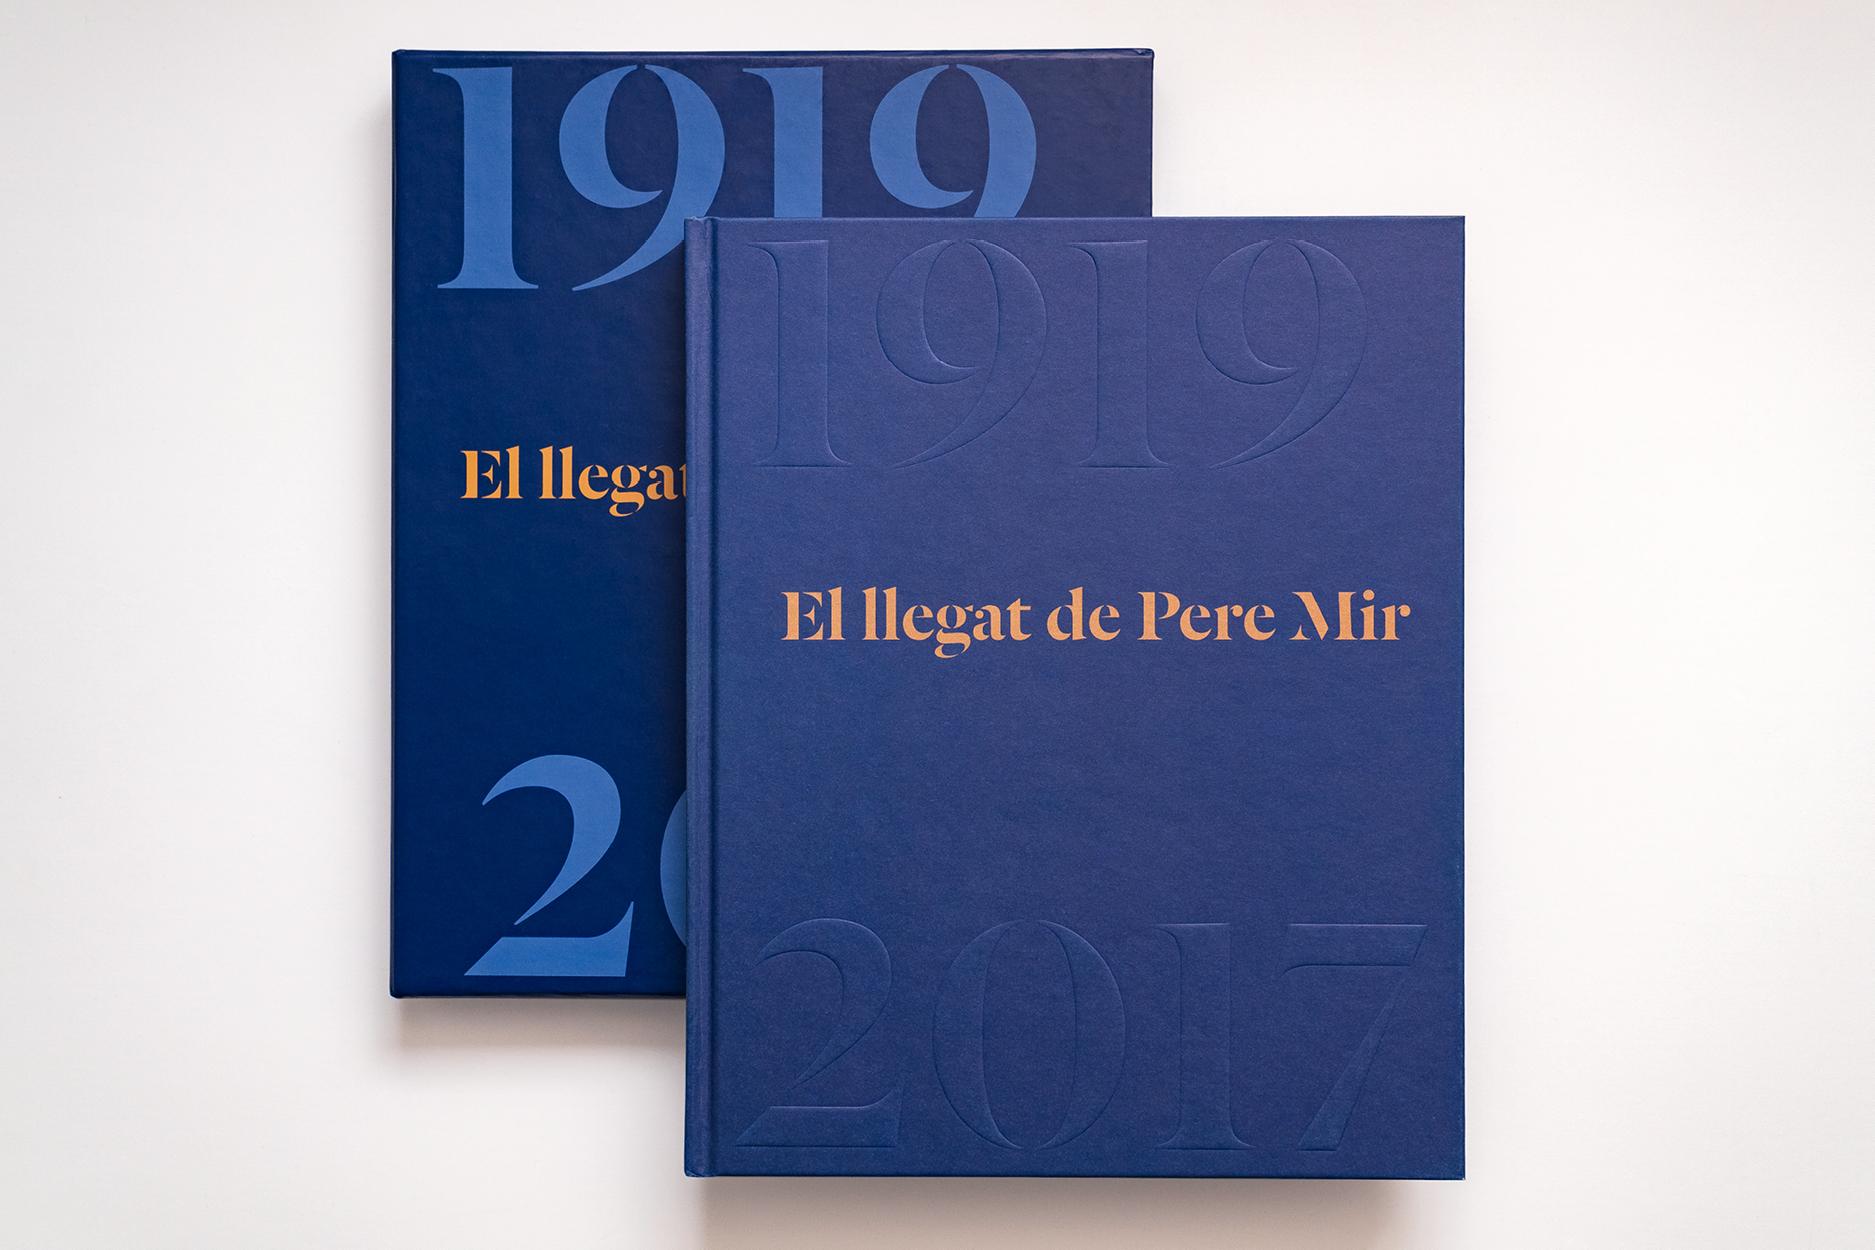 Llibre_El llegat de Pere Mir_web2.jpg